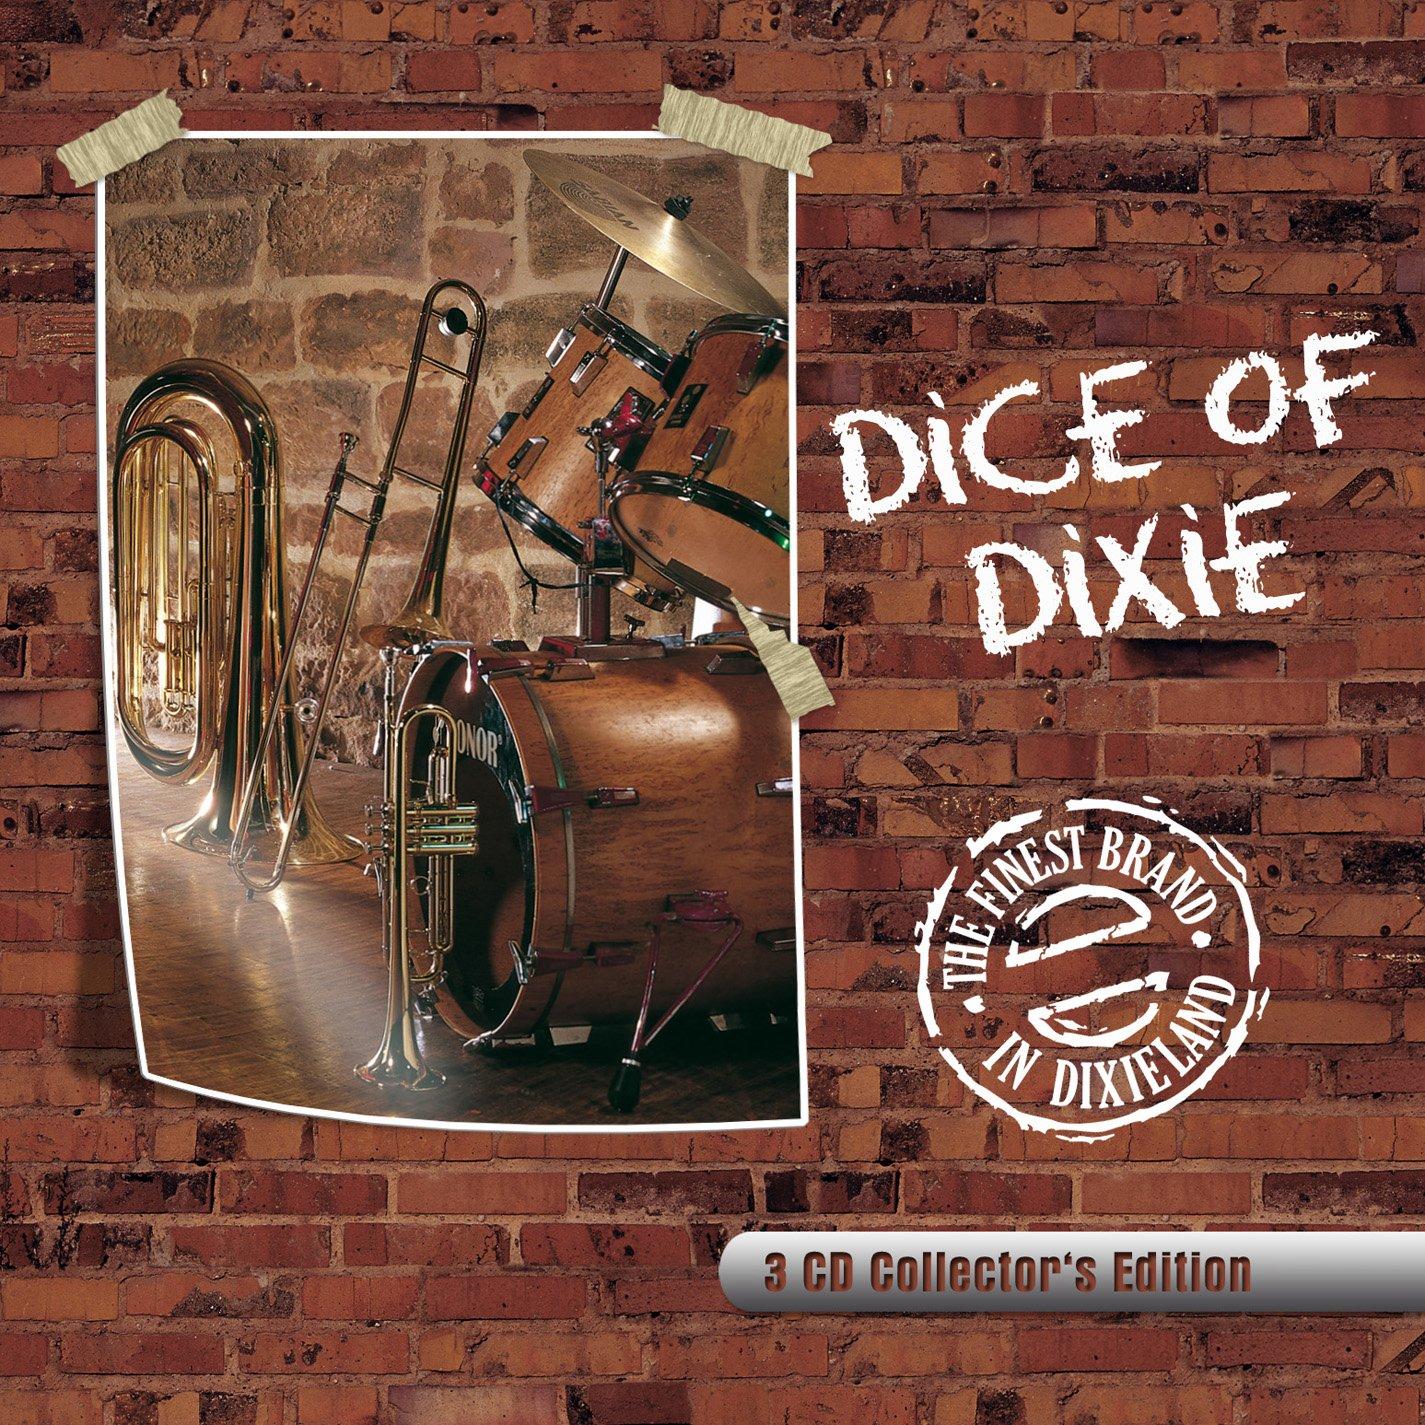 Baltimore Mall Finest Albuquerque Mall Brand In 3 Dixieland Discs